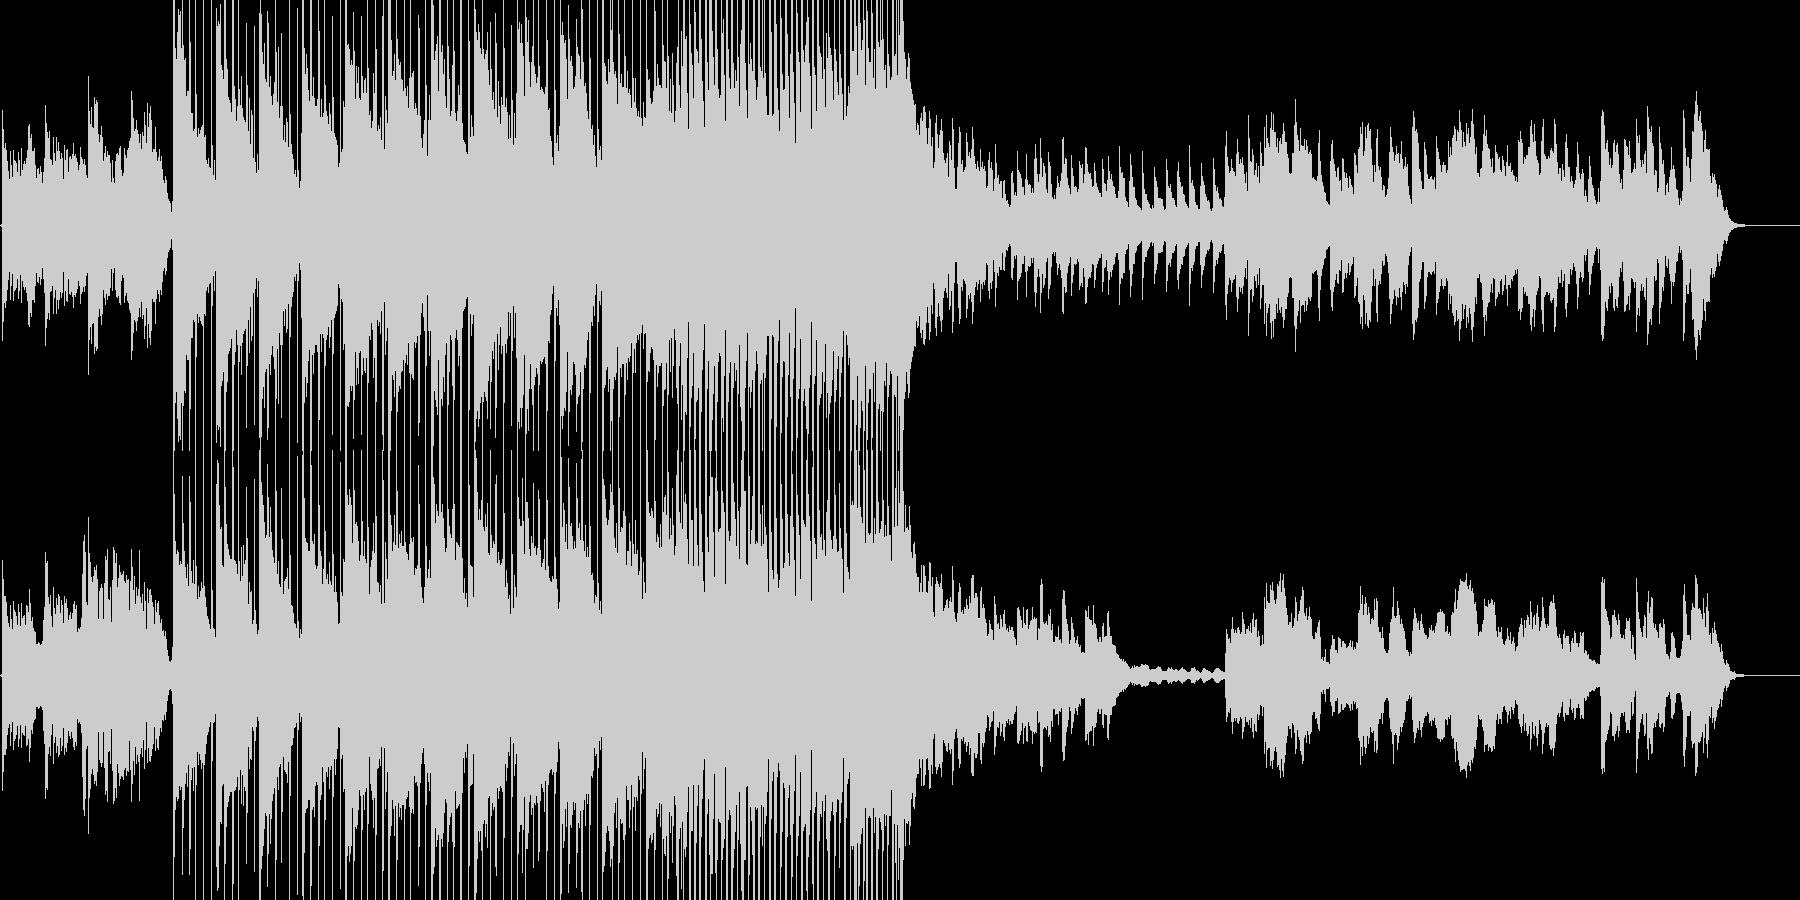 ノスタルジー 青春 オルタナ ロックの未再生の波形